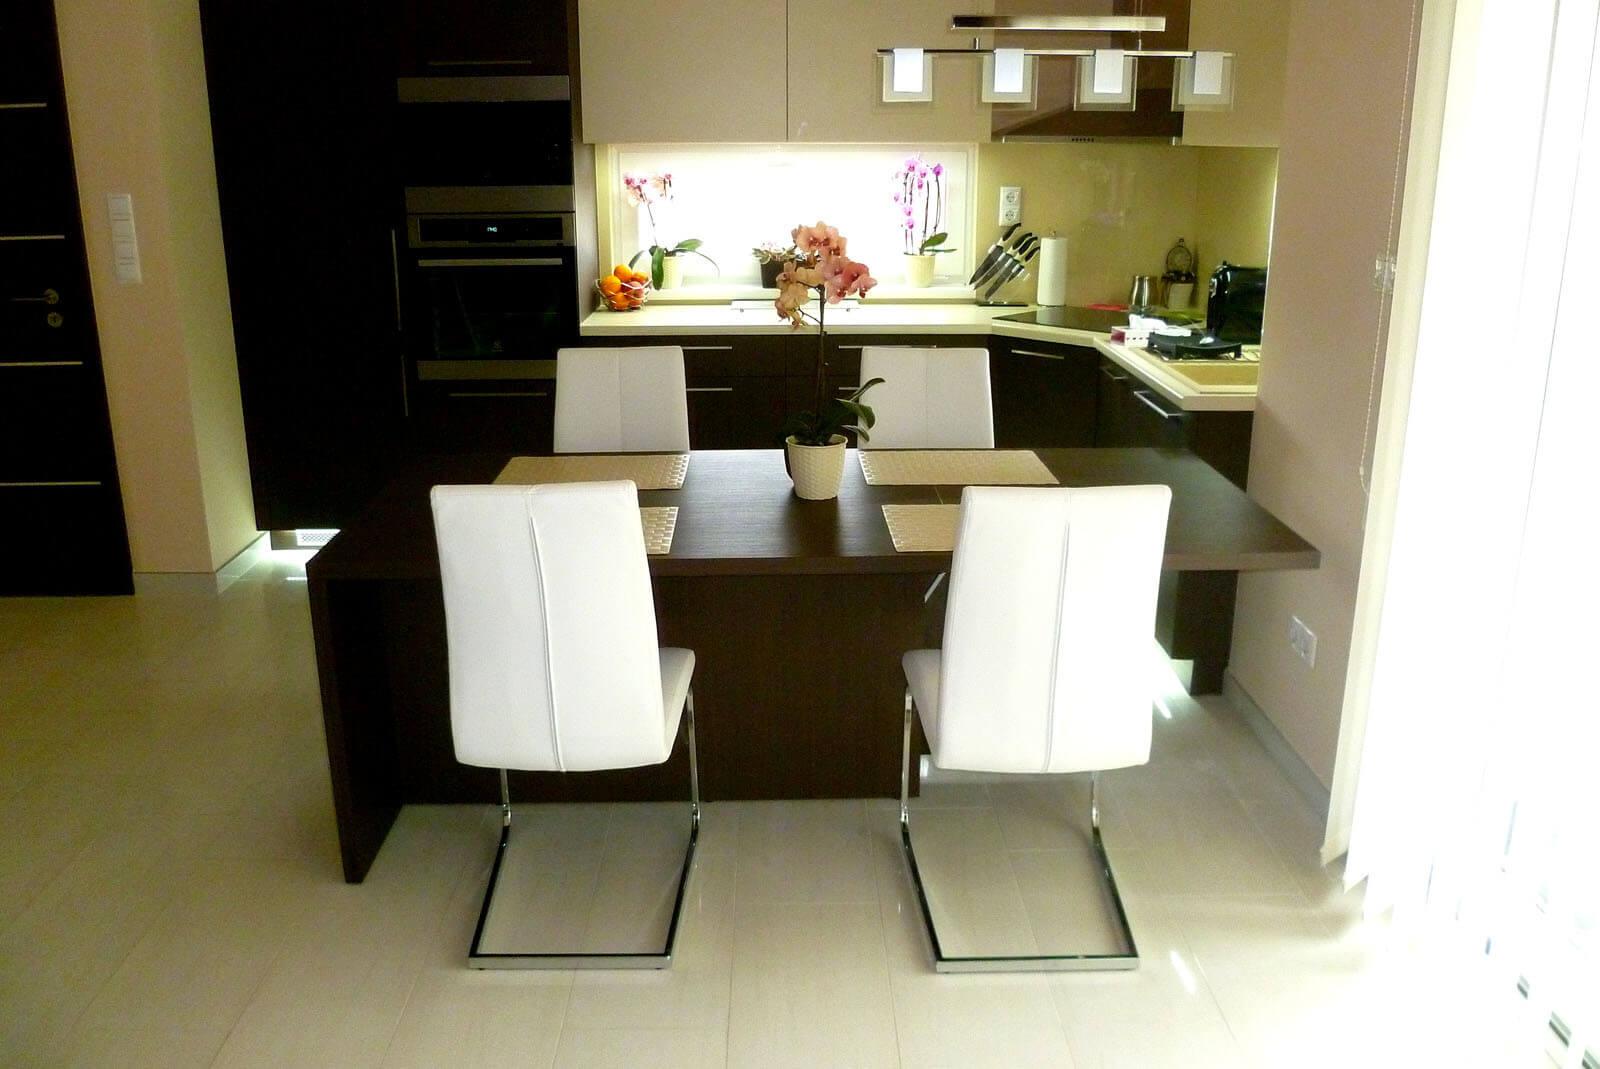 Konyhabútor készítés fineline sötét színben, üveghátlappal, rejtett LED világítással, vendéglapos étkezőasztallal